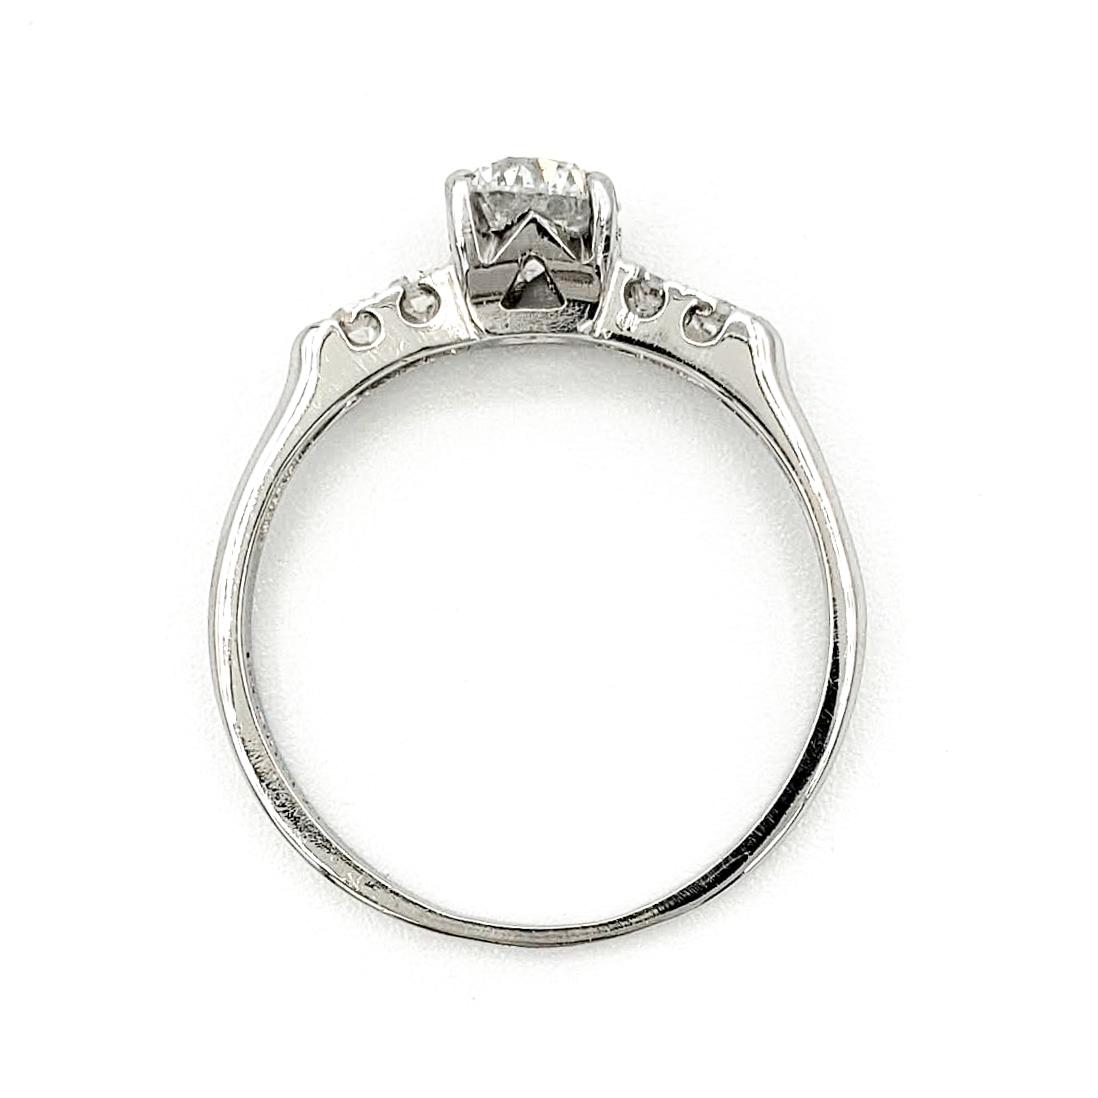 vintage-platinum-engagement-ring-with-0-51-carat-round-brilliant-cut-diamond-egl-f-si2